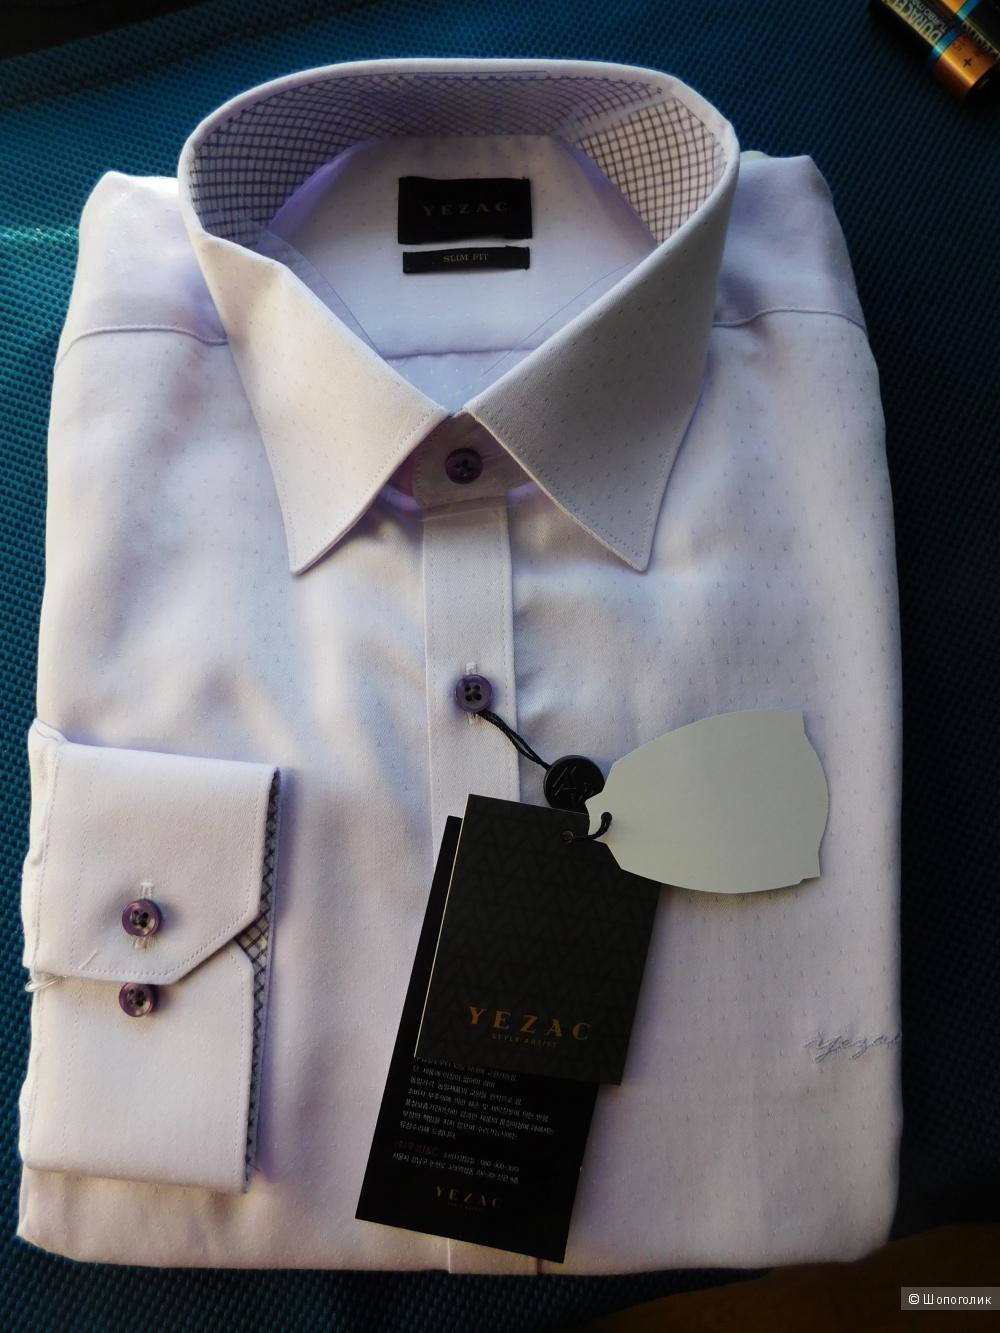 Рубашка мужская Yezac (Южная Корея), размер S